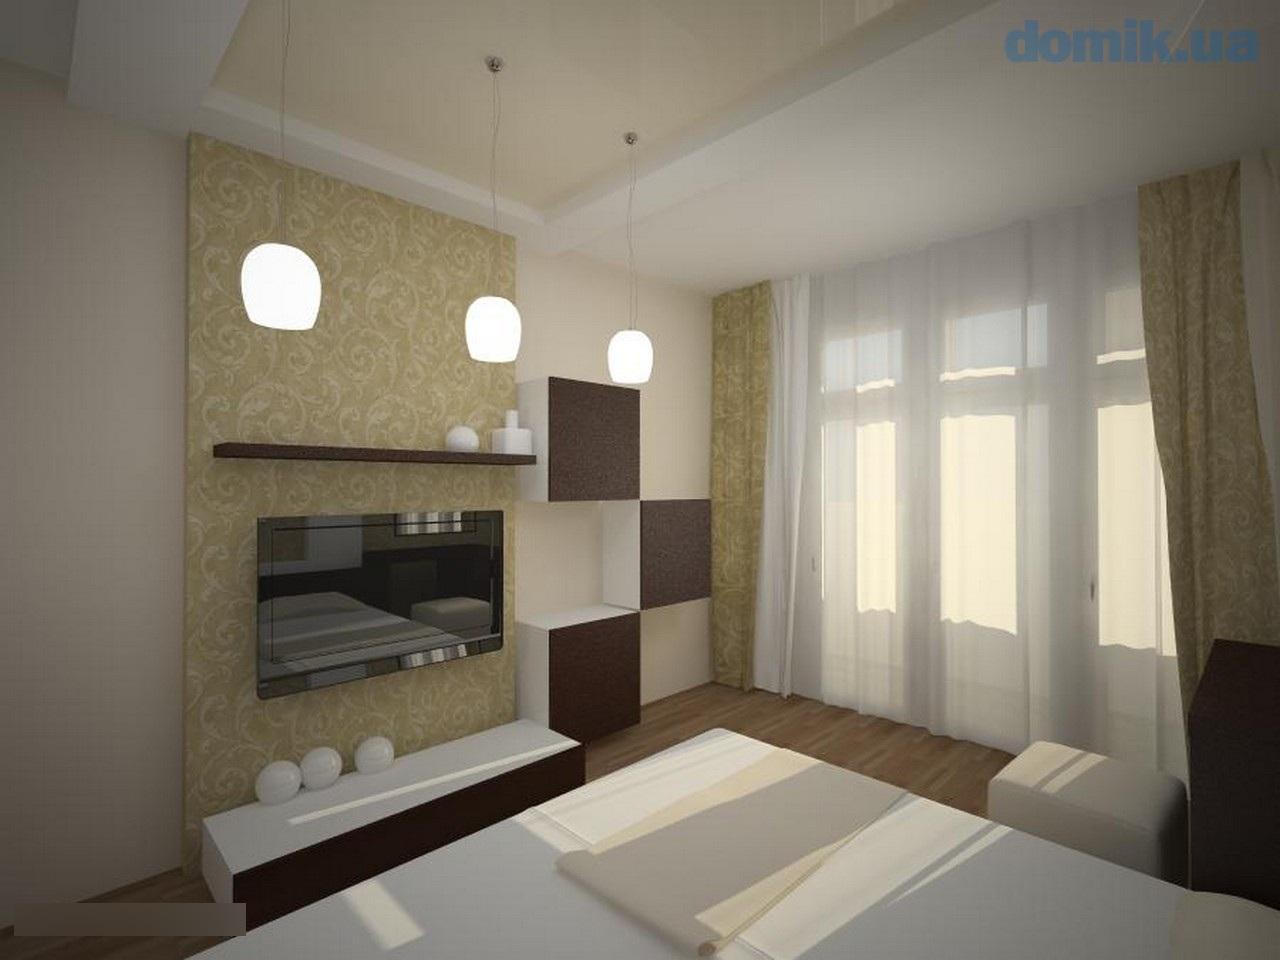 Фото дизайн своими руками в панельных домах